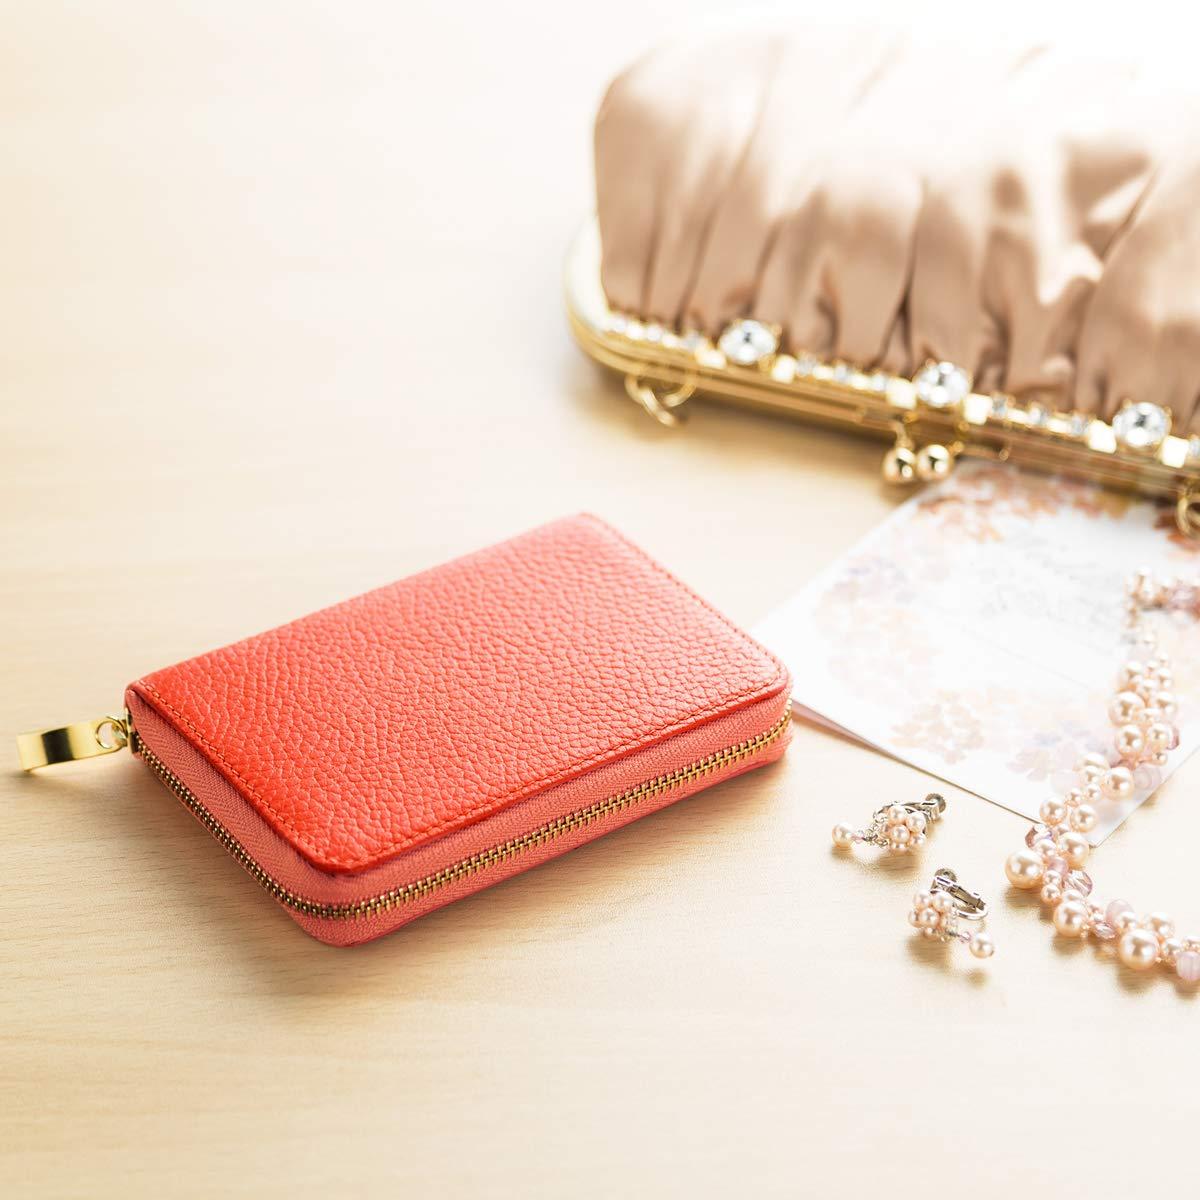 シンプルなレディース財布のおすすめ5選!長財布・二つ折りタイプも